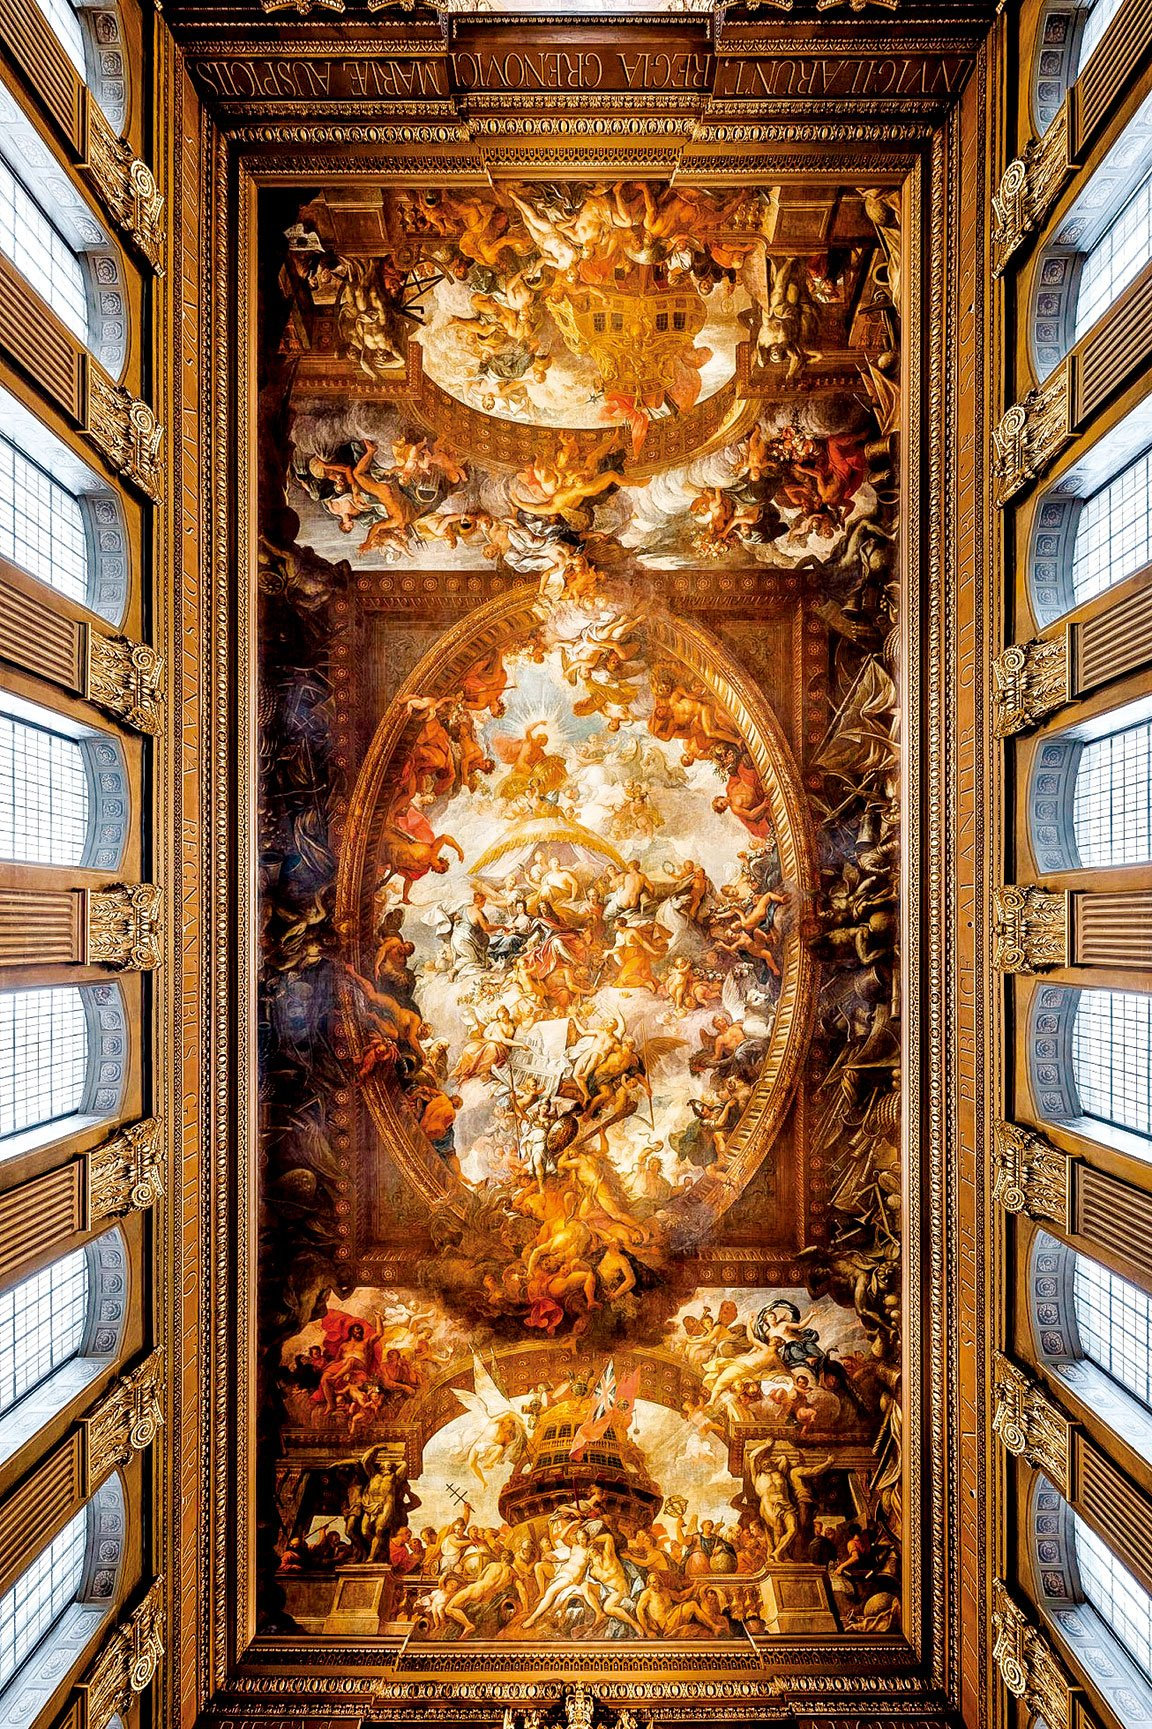 彩繪畫廳下廳的大壁畫《和平自由對抗暴政的勝利》(The Triumph of Peace and Liberty Over Tyranny),描繪了王家海員醫院的創始者威廉三世(1650~1702年)和瑪麗二世(1662~1694年)。在大壁畫的兩側為英國強盛海軍的景象。(Old Royal Naval College 提供)